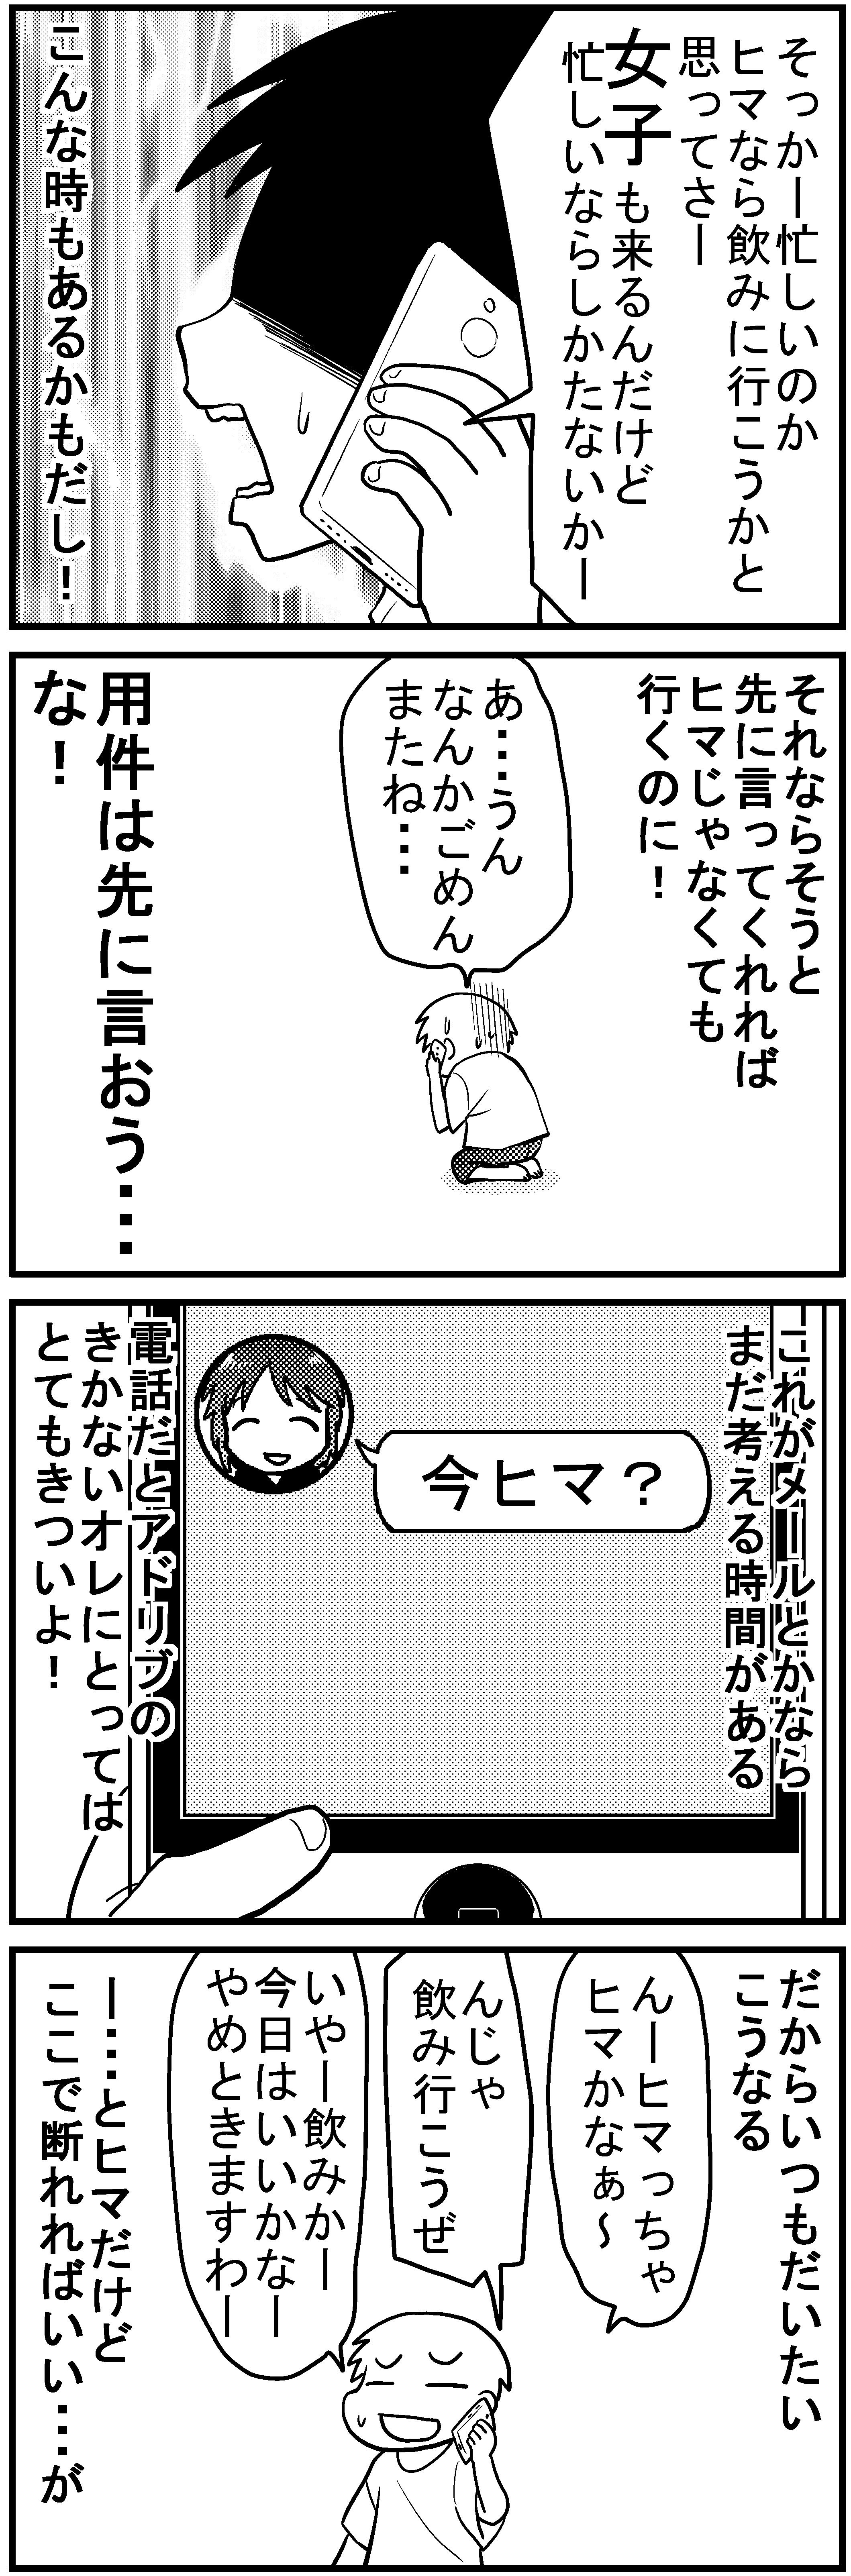 深読みくん17-2